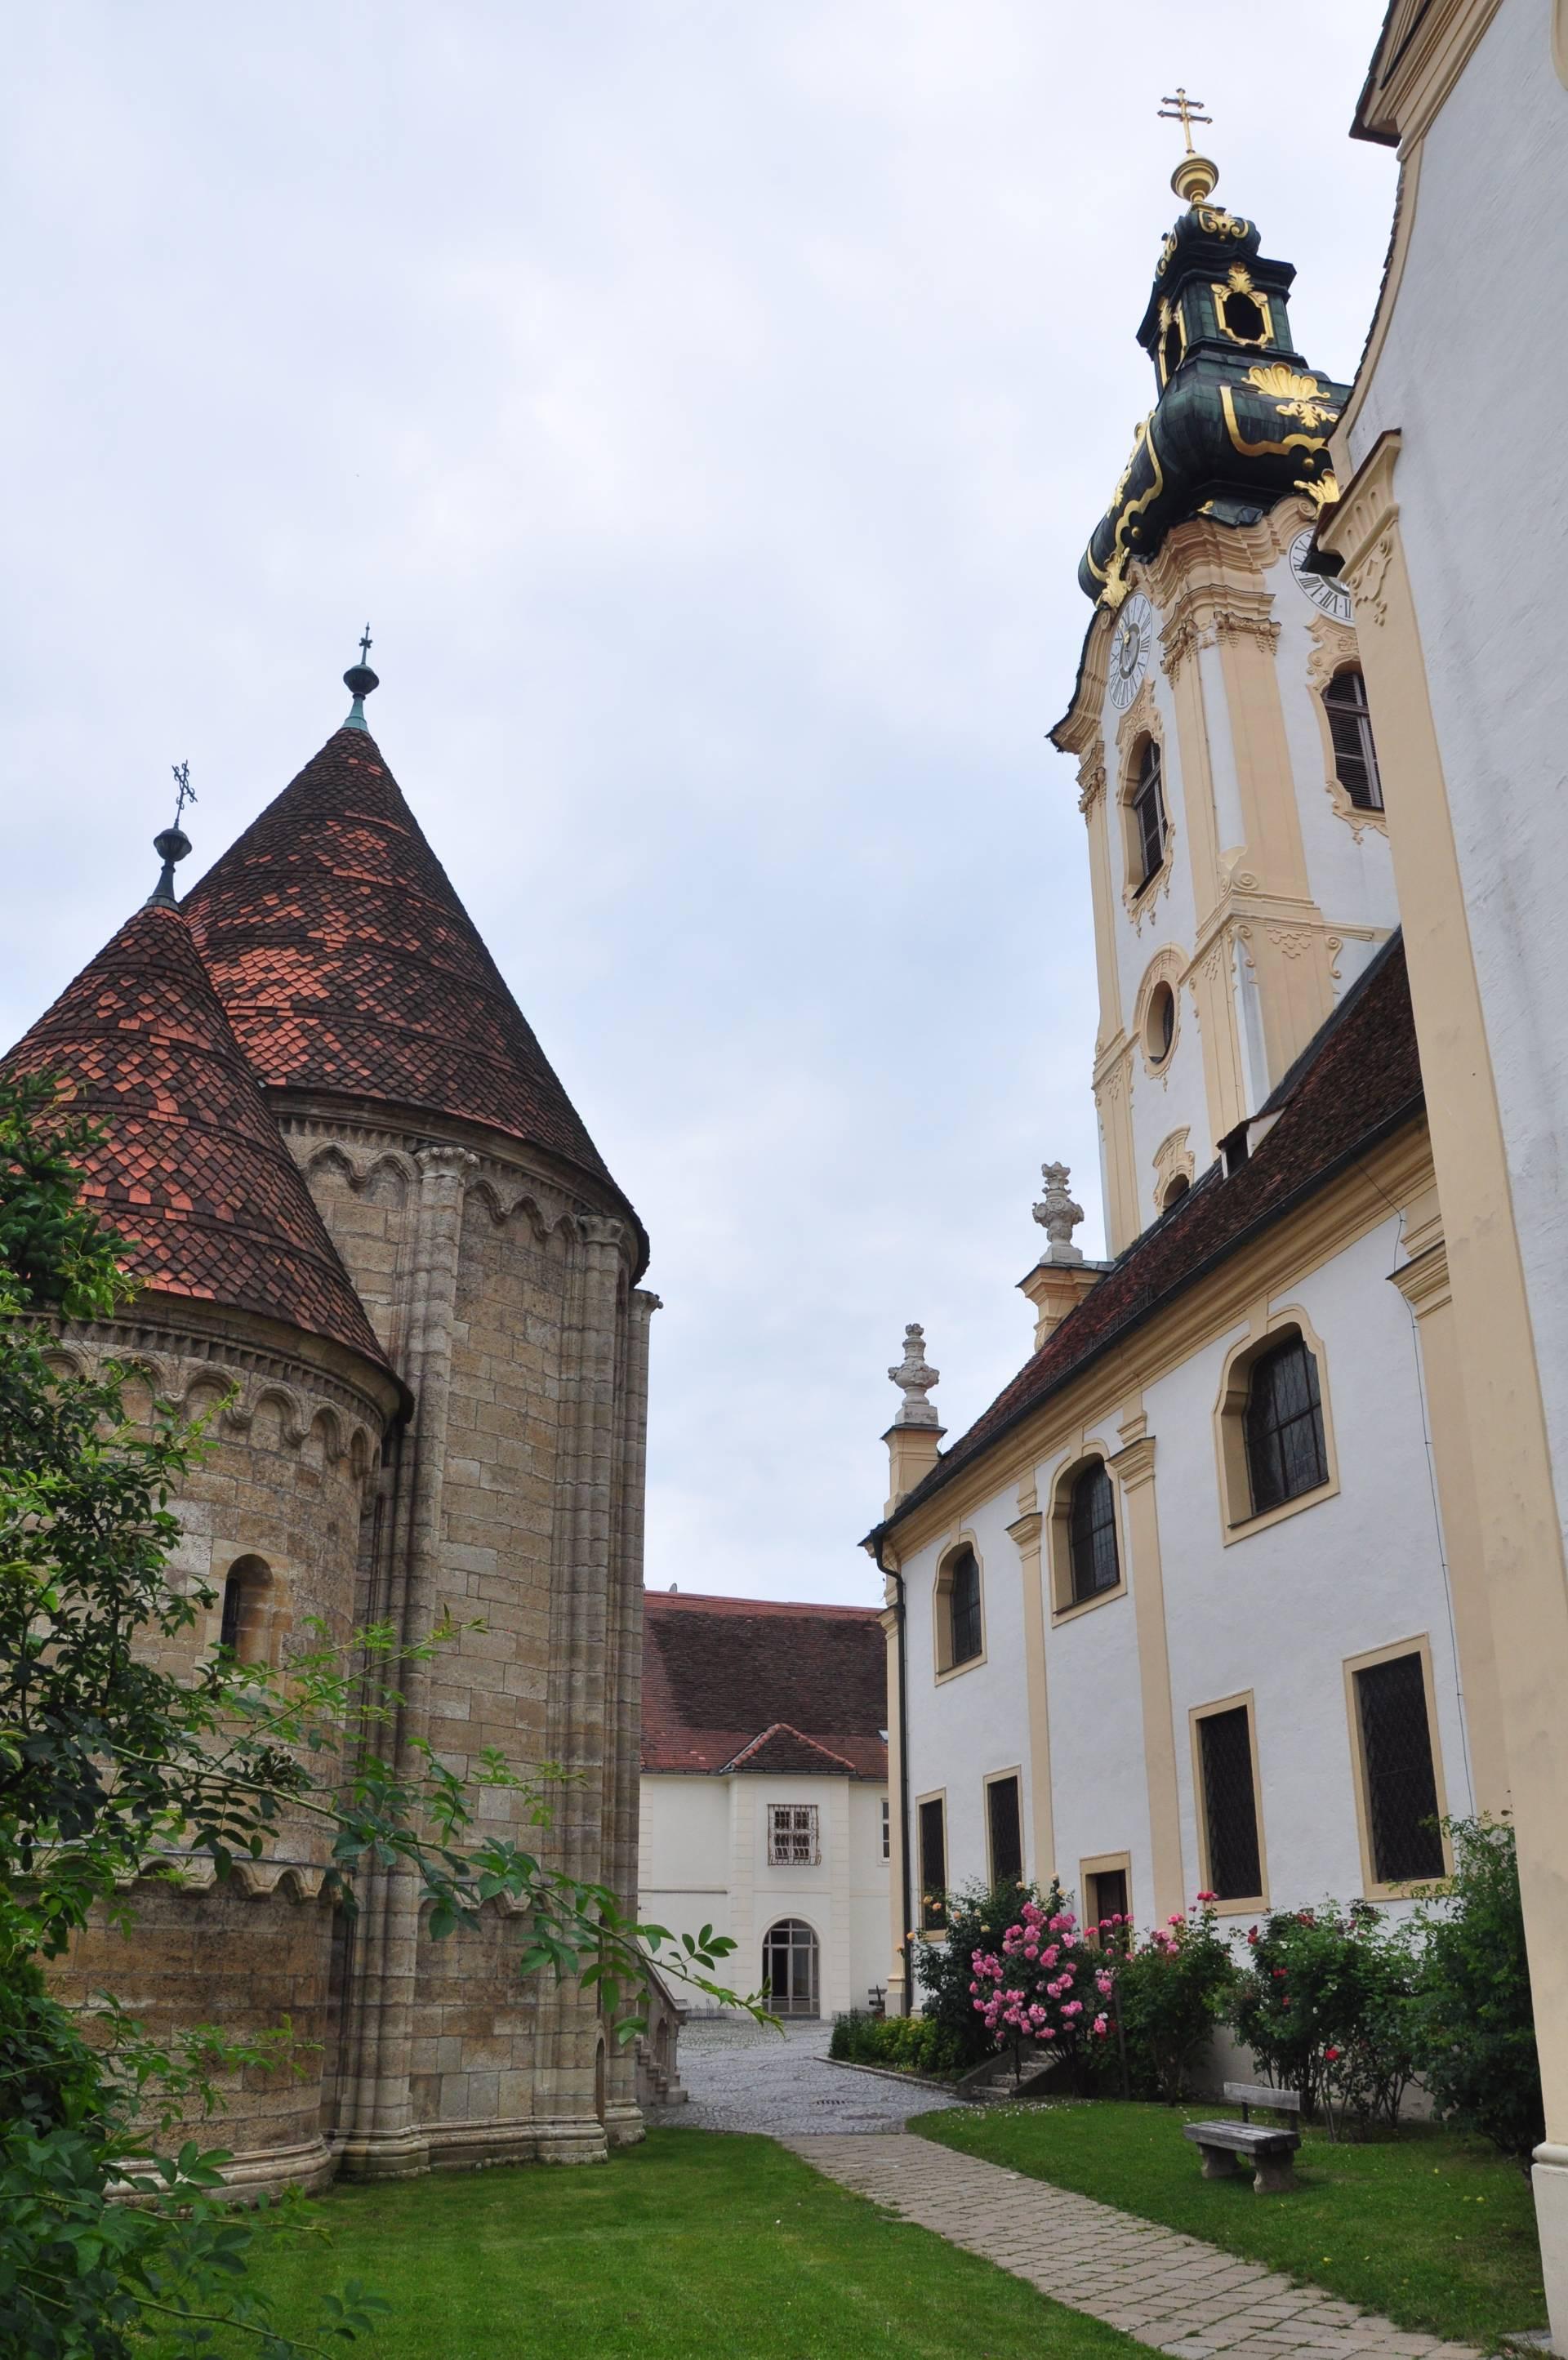 Rencontres Wiener Neustadt